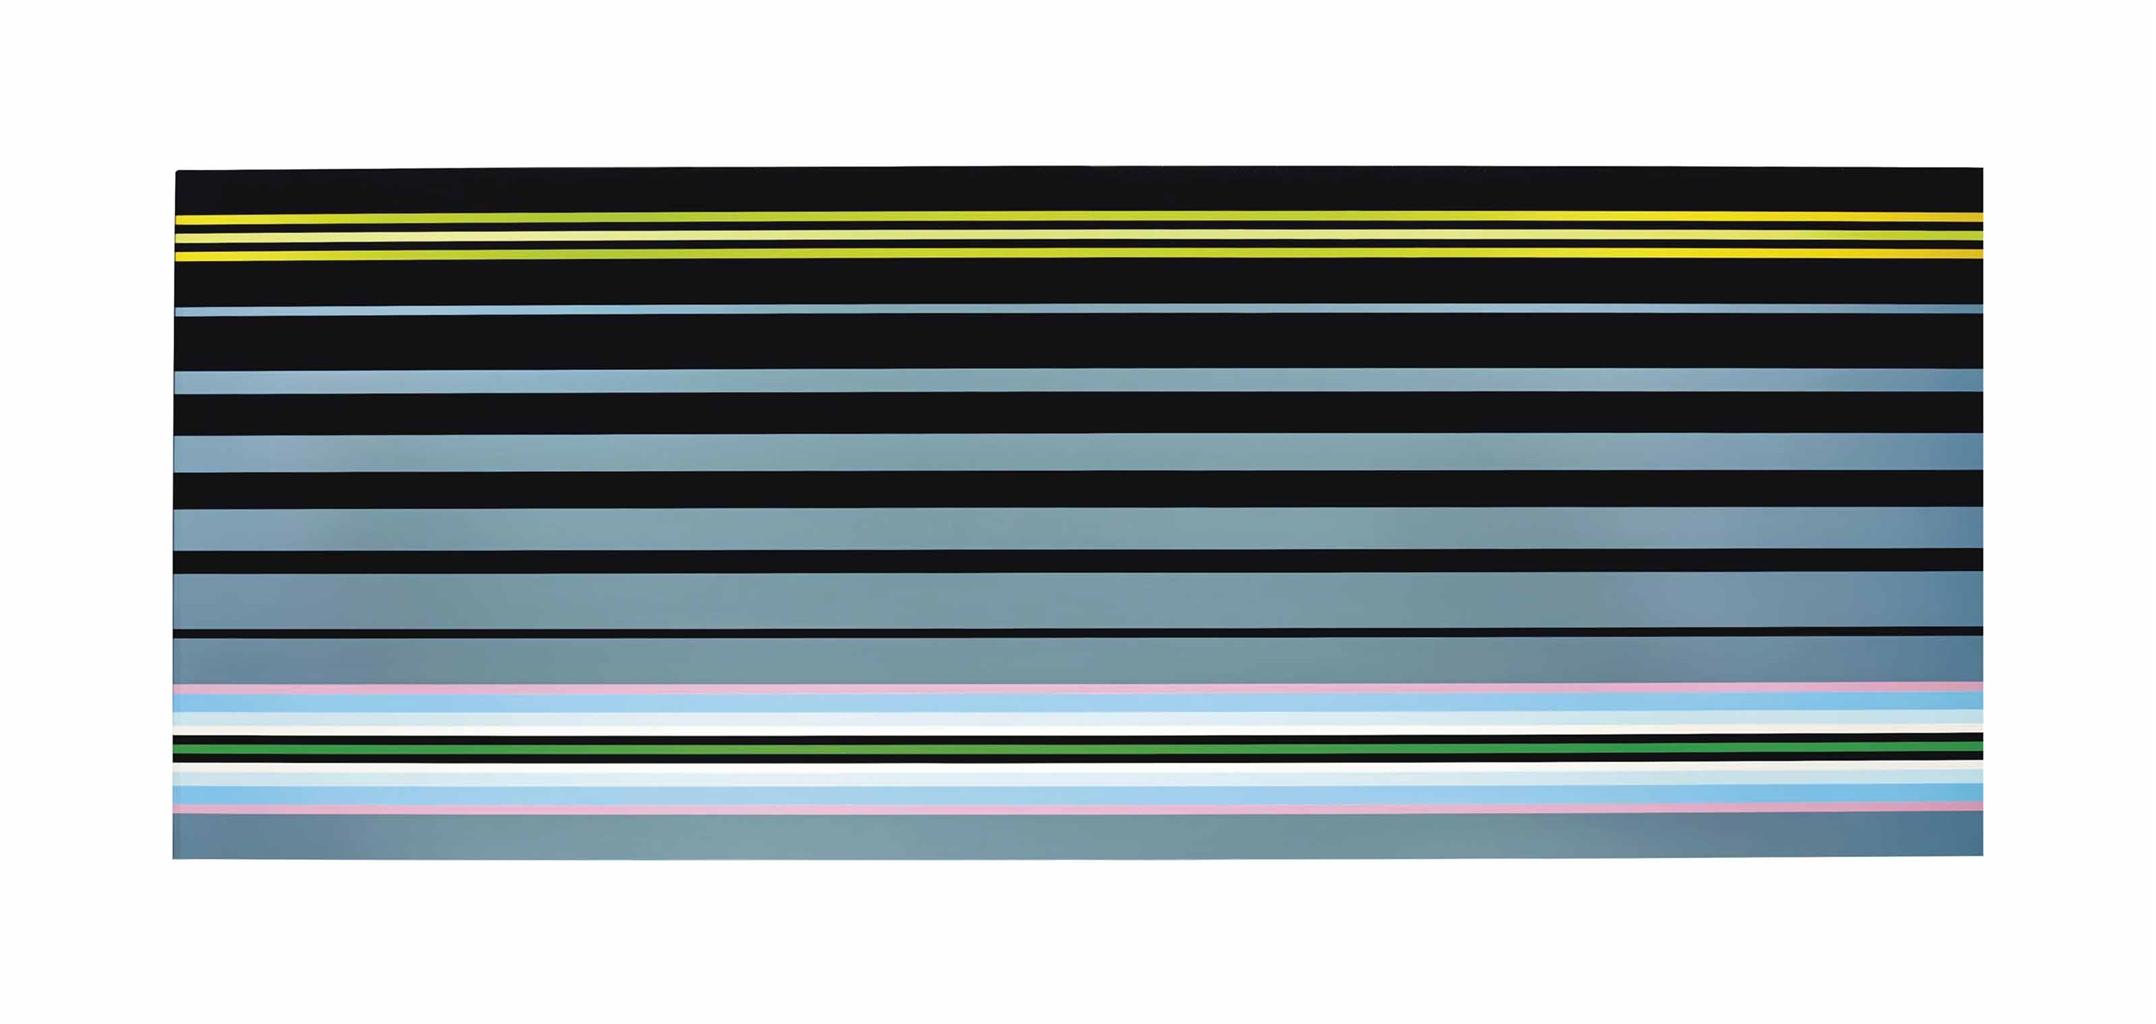 Ugo Rondinone-No. 239 dritterjanuarzweitausendundeins-2000